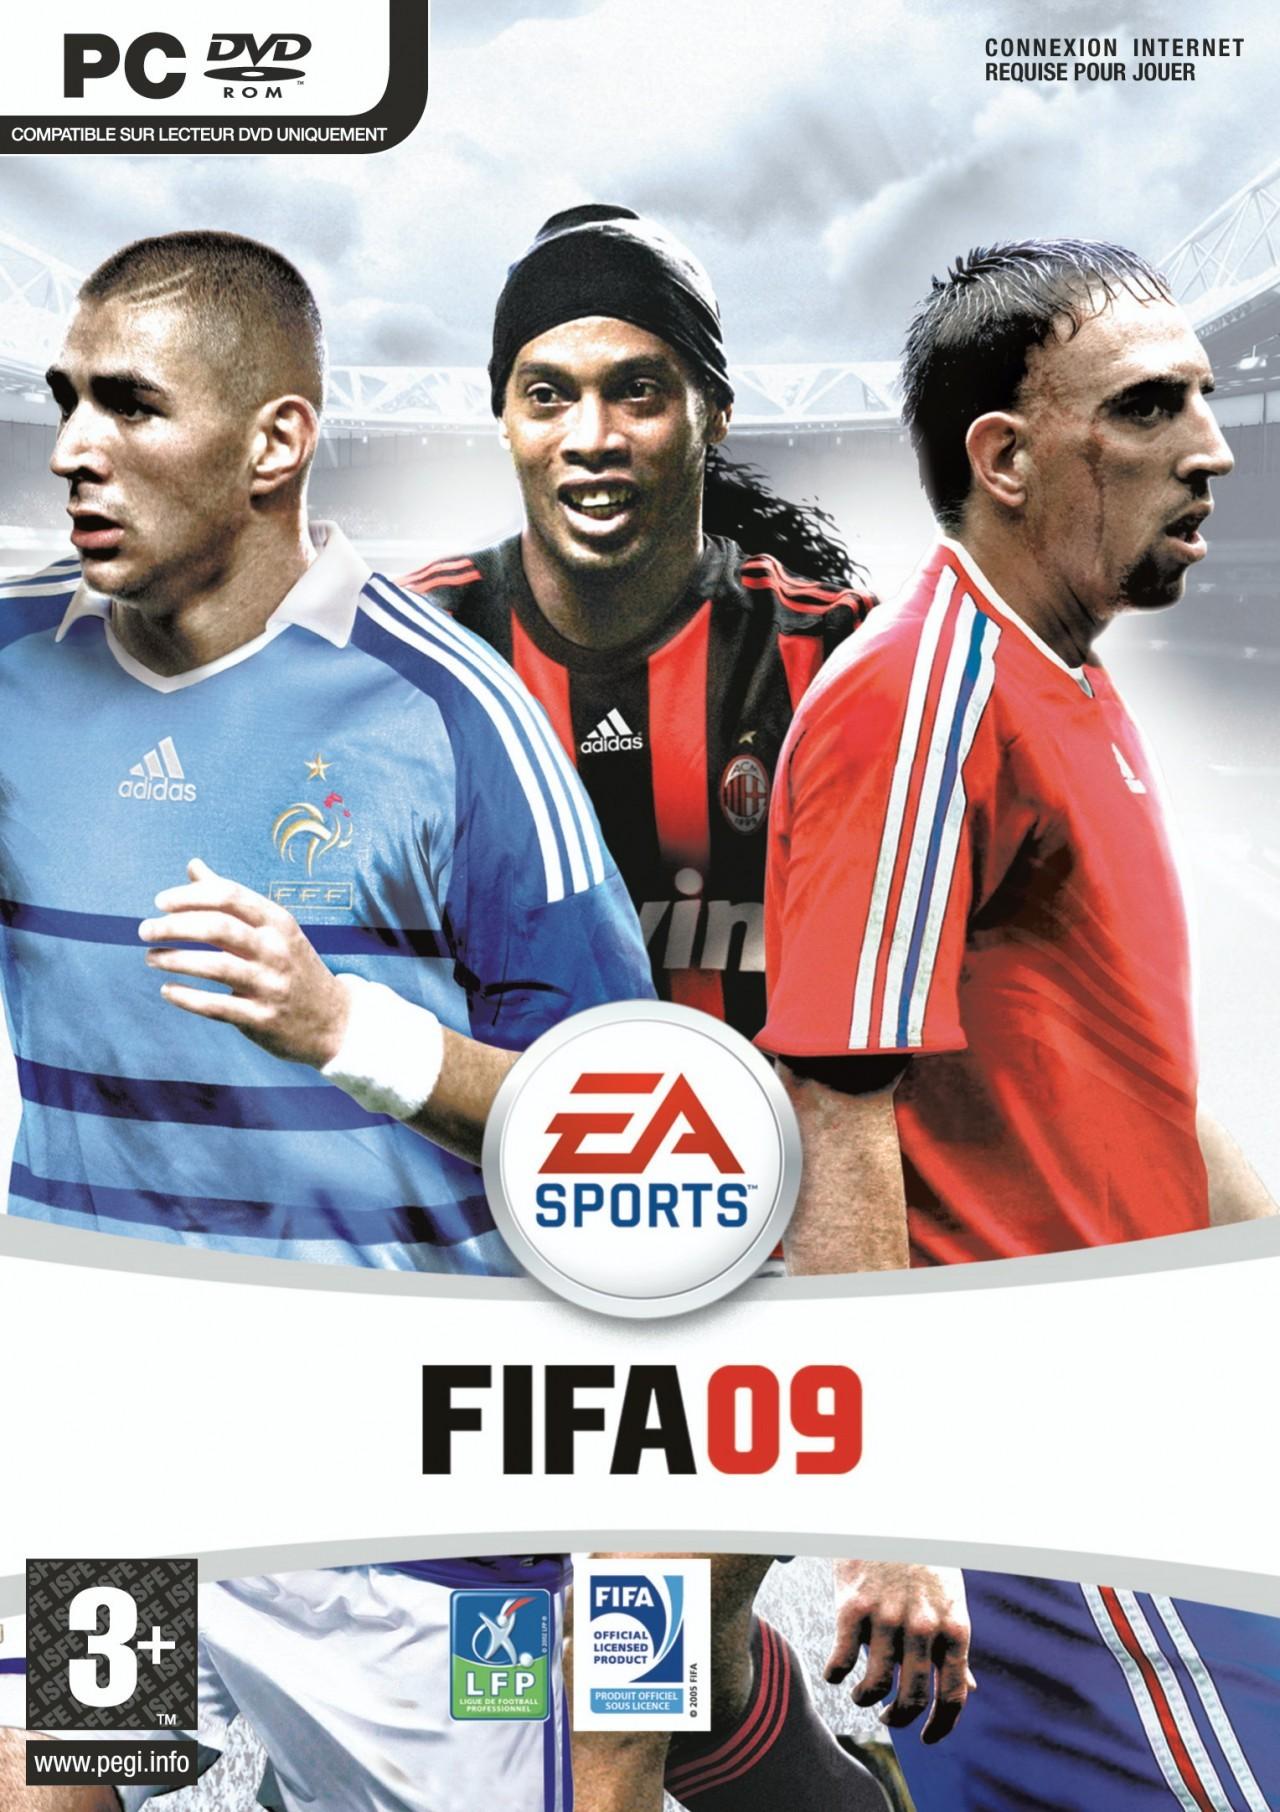 JOUABLE 09 TÉLÉCHARGER FIFA DEMO